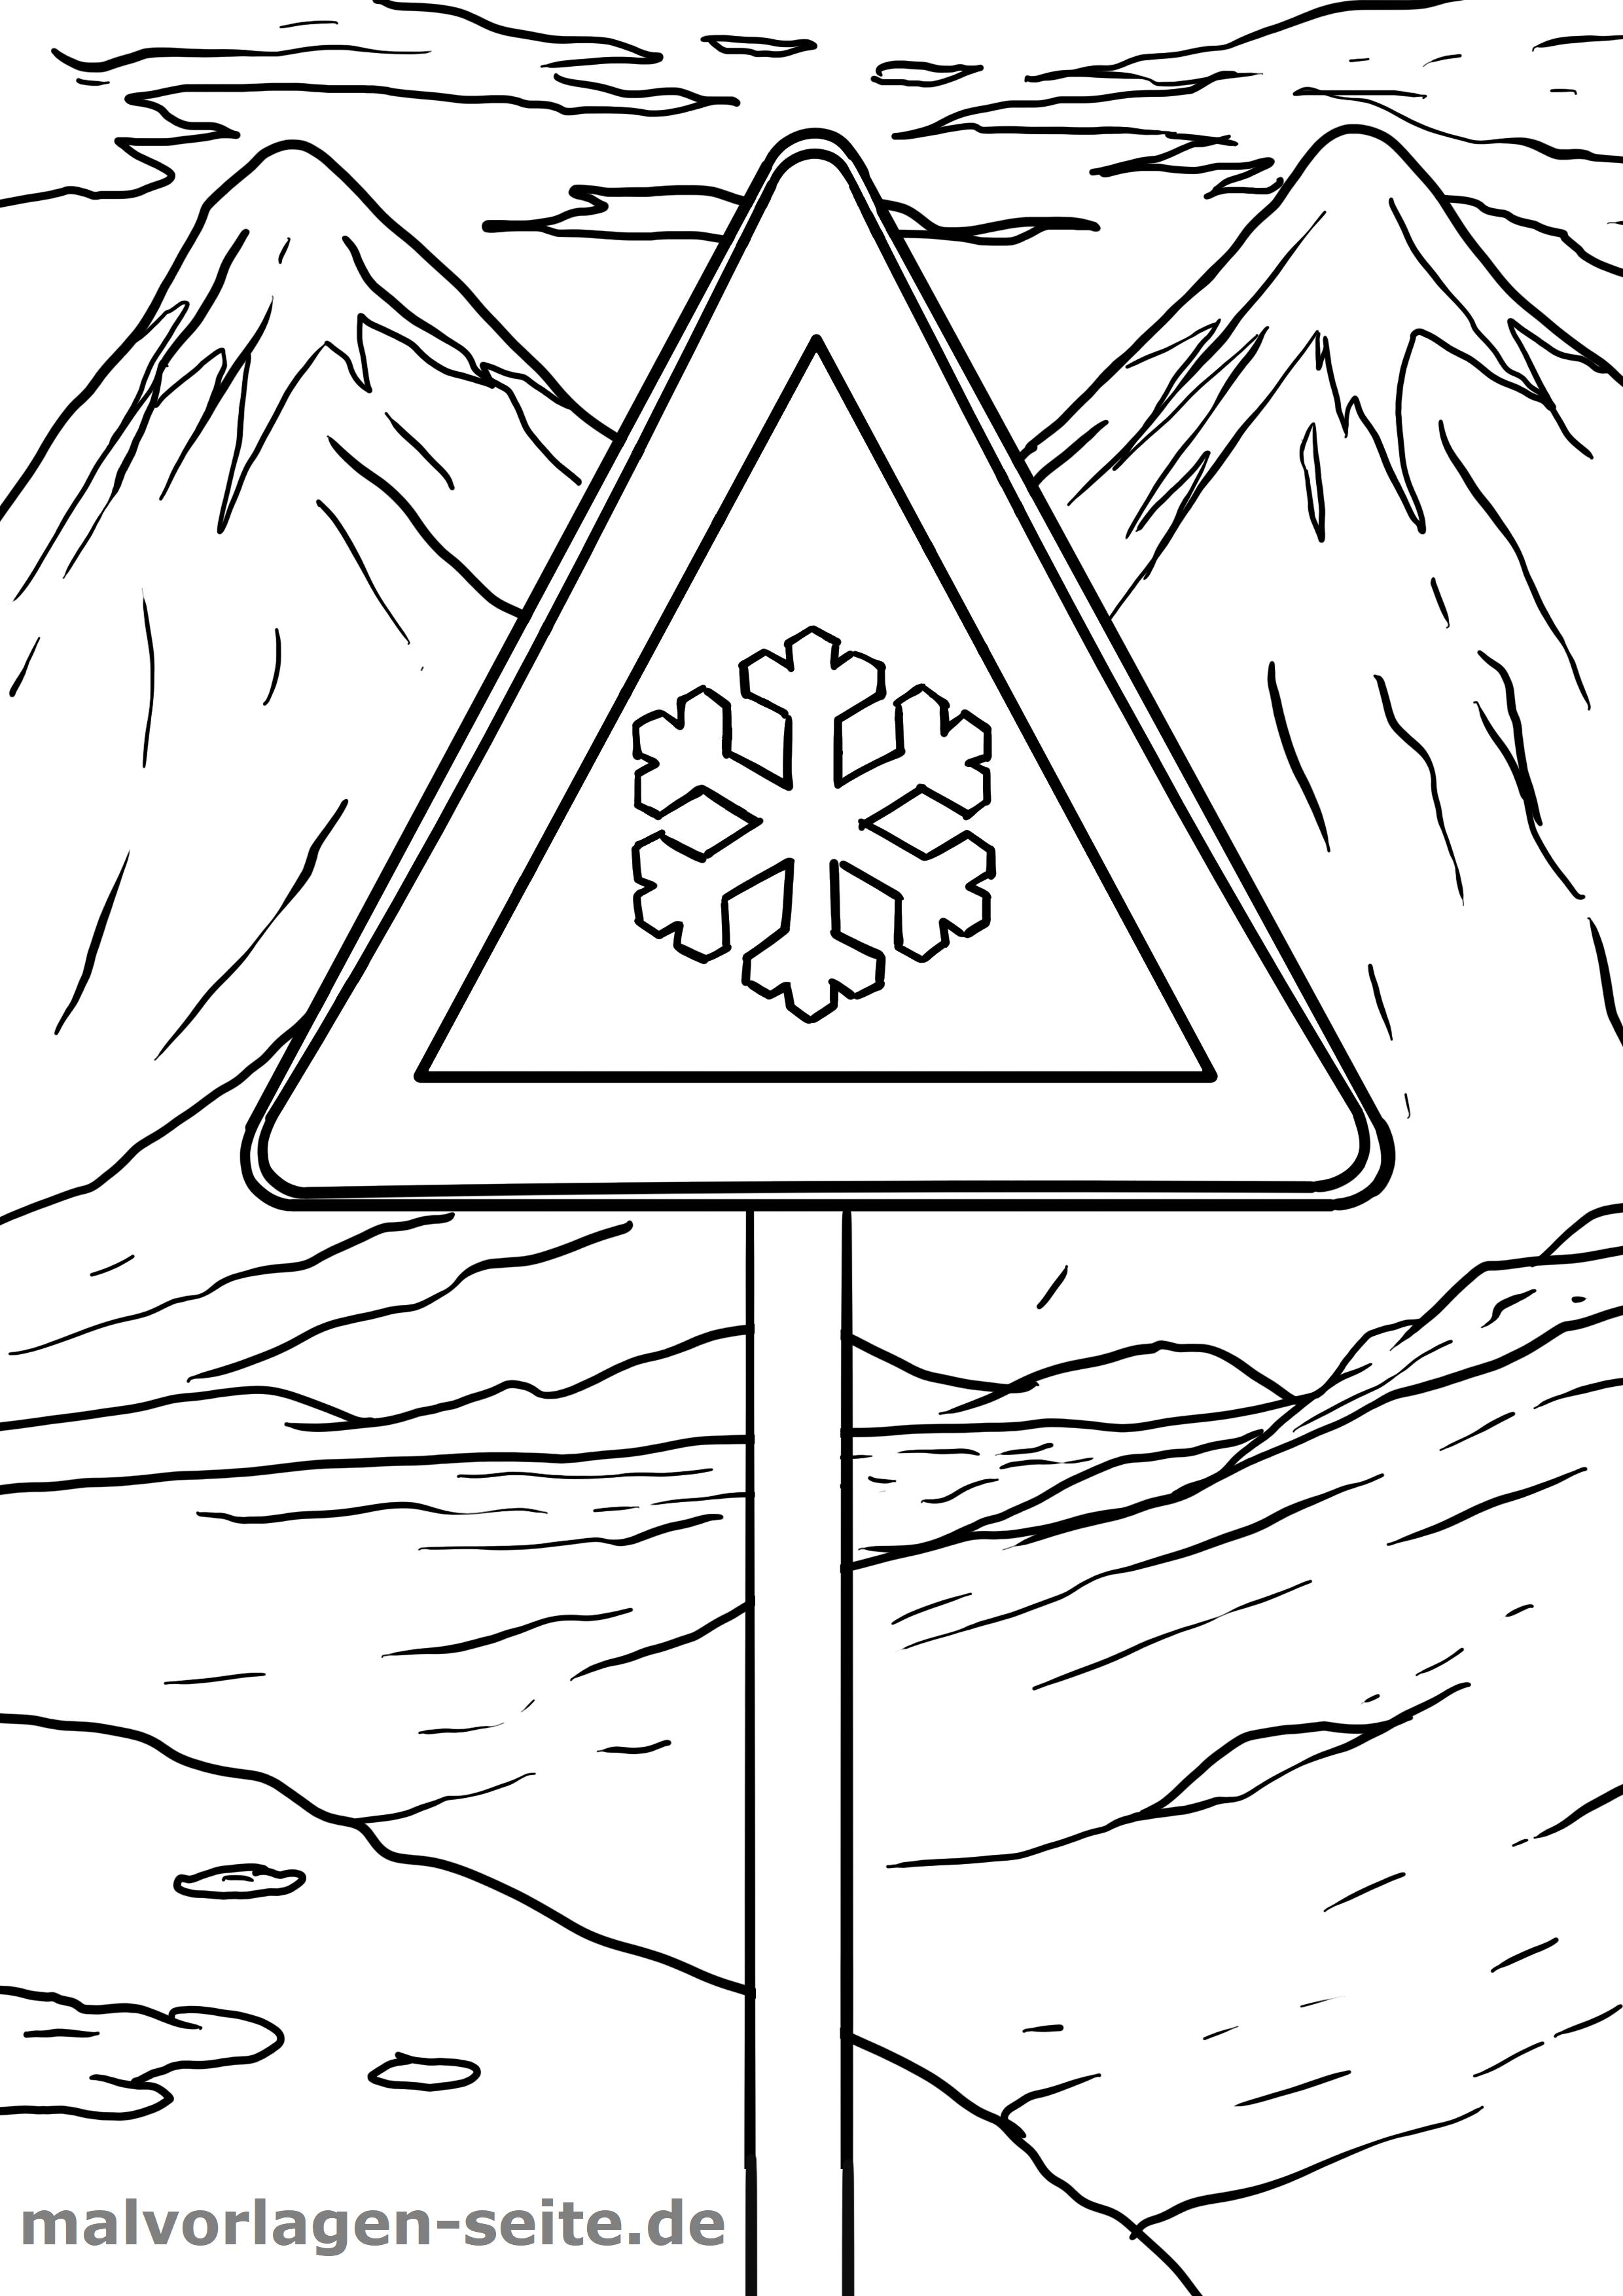 Verkehrszeichen Achtung Glättegefahr Malvorlage Gratis Malvorlagen